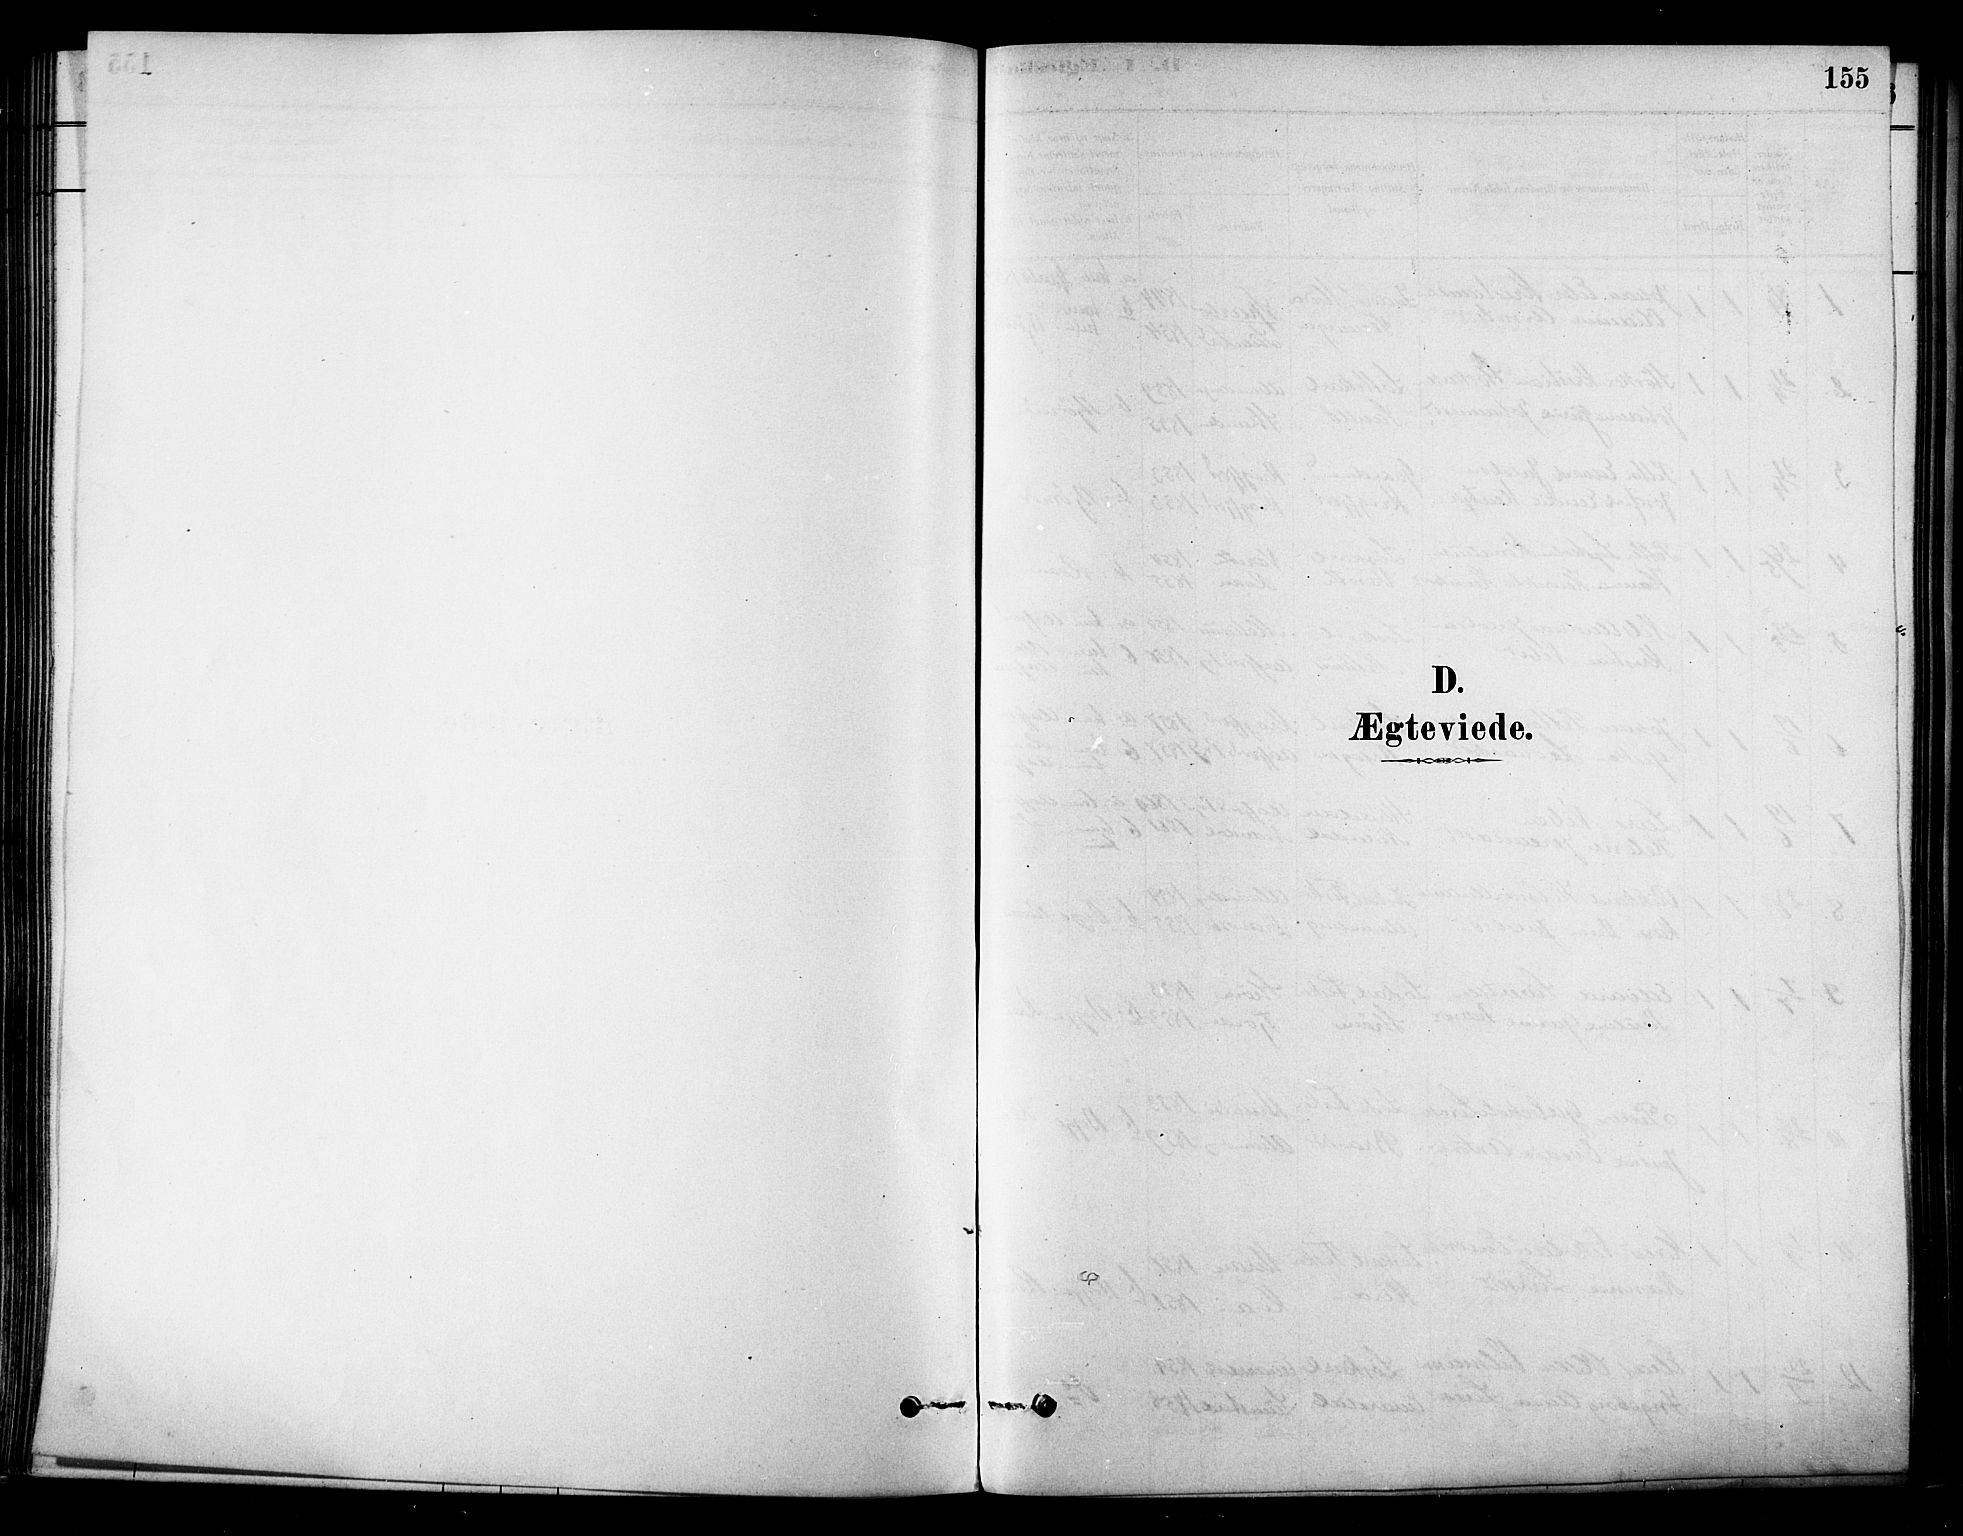 SAT, Ministerialprotokoller, klokkerbøker og fødselsregistre - Sør-Trøndelag, 657/L0707: Ministerialbok nr. 657A08, 1879-1893, s. 155